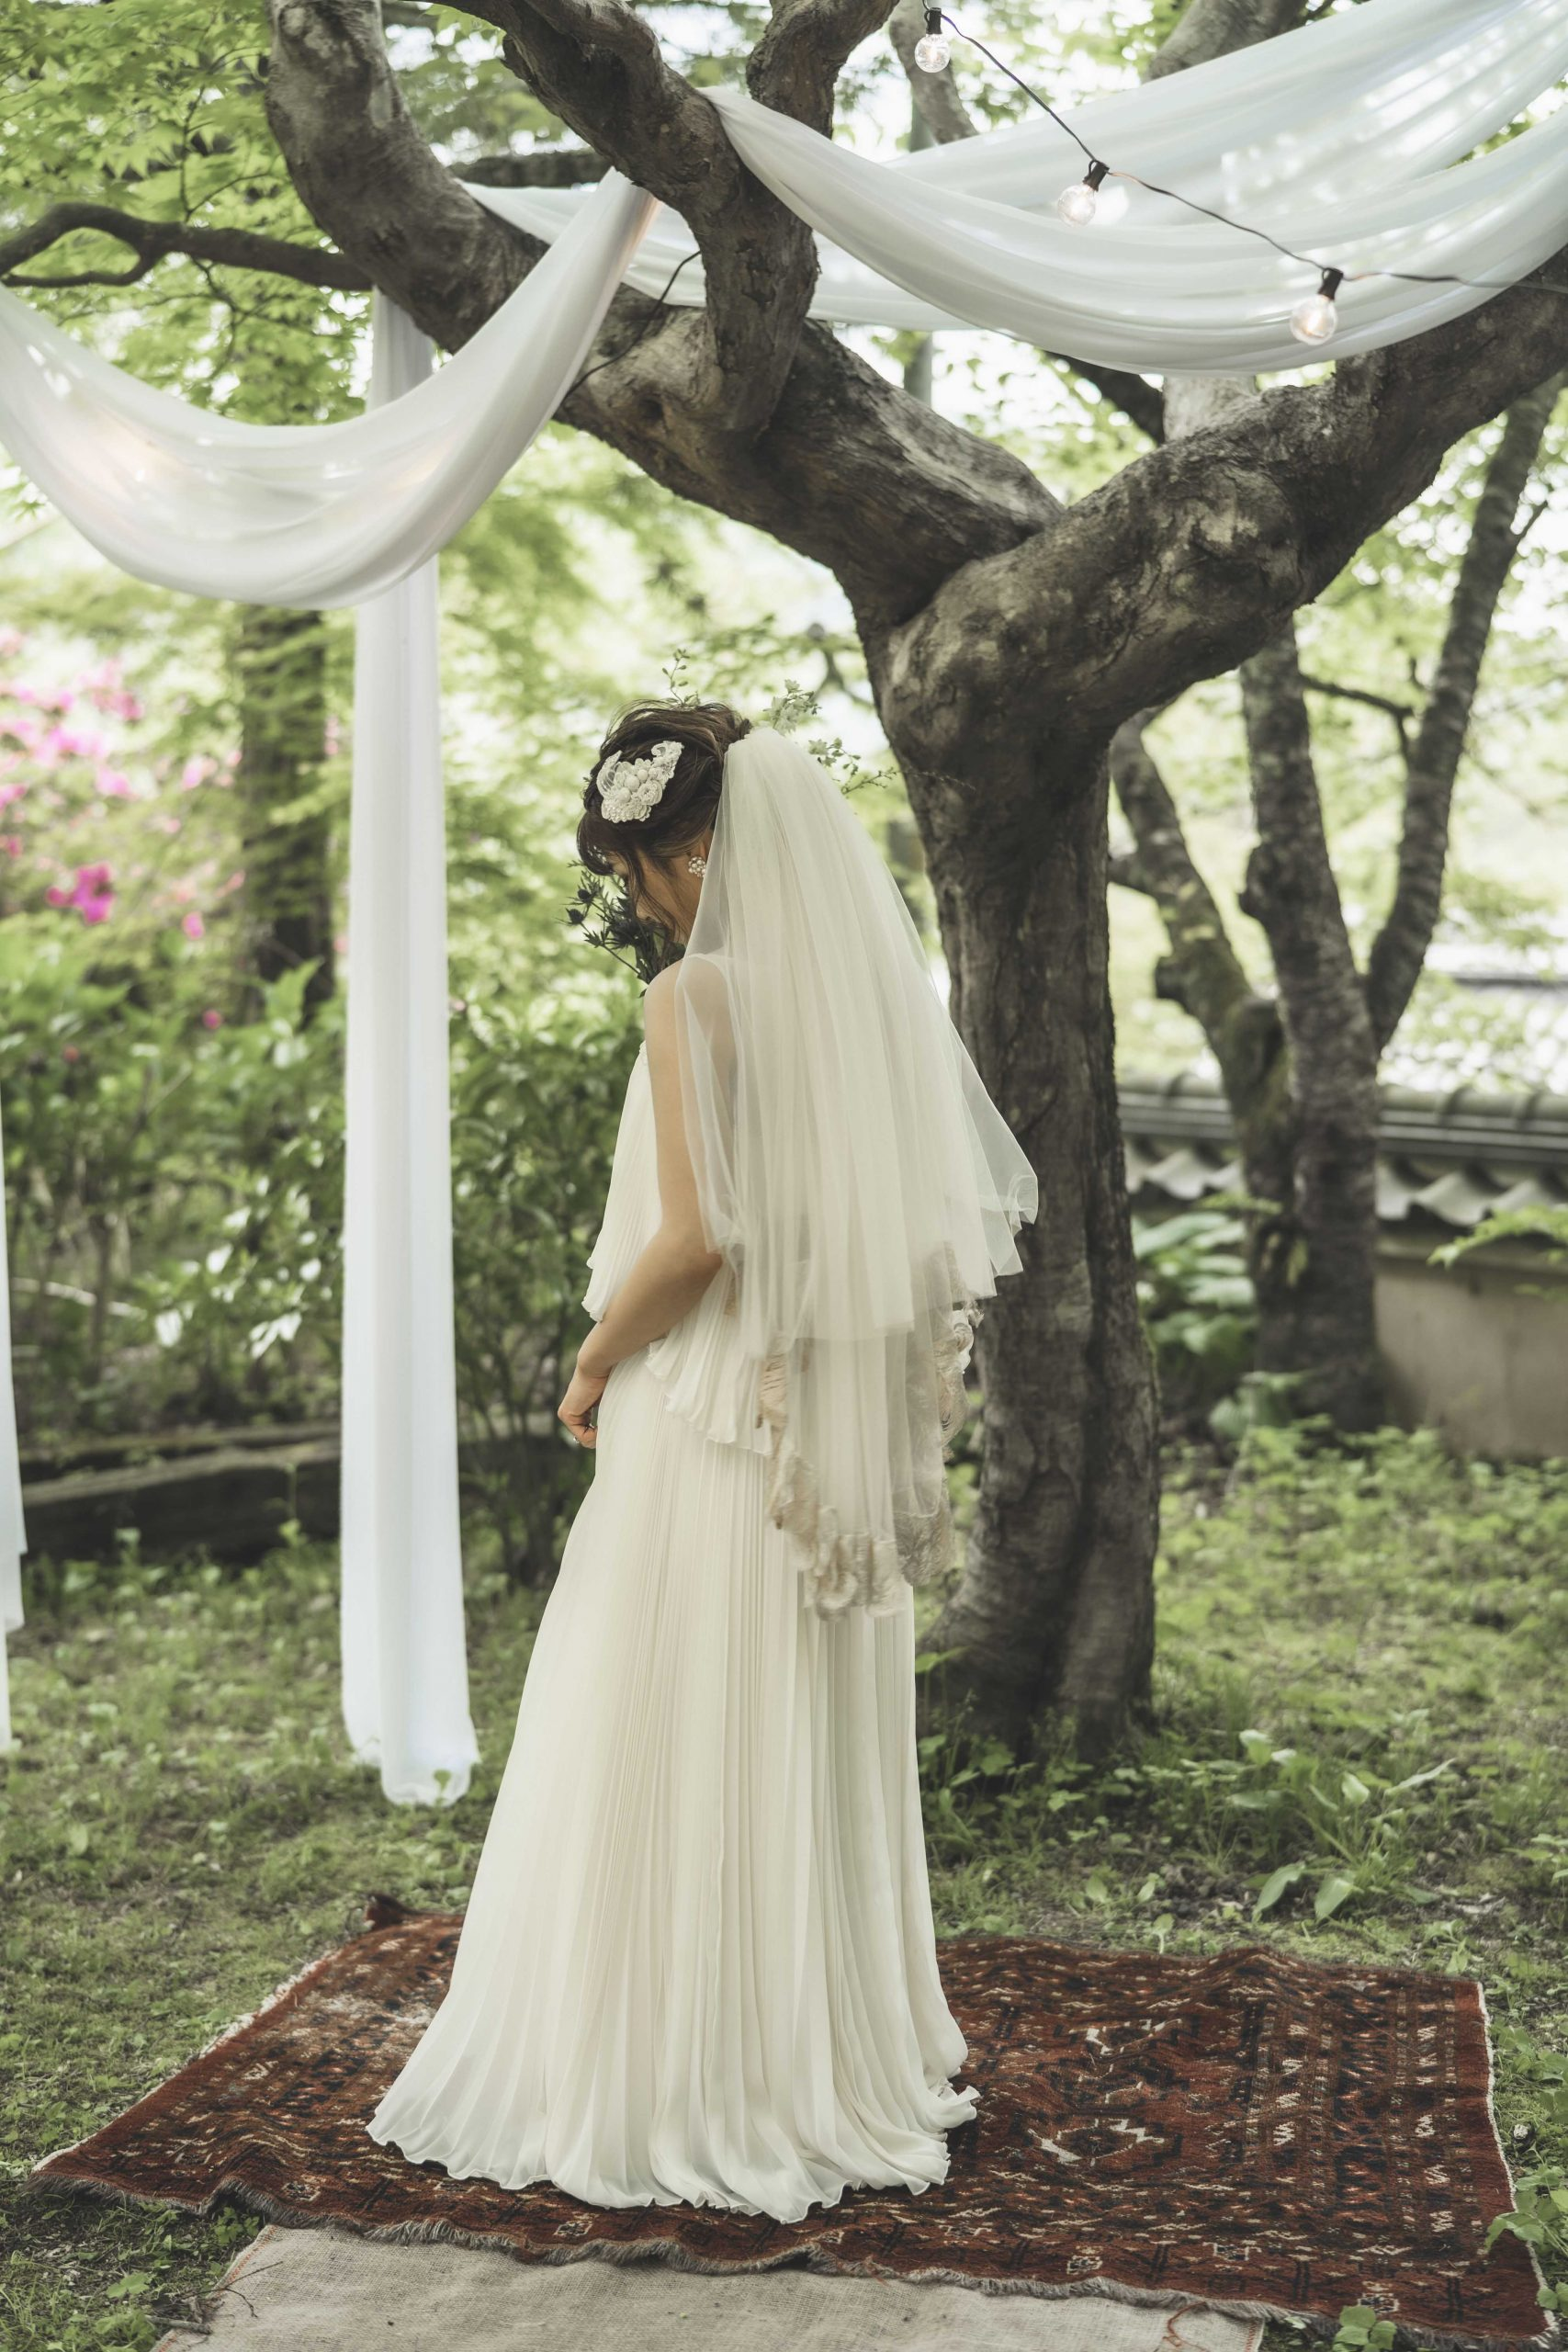 ガーデンセレモニーでの花嫁とアンティークキリム